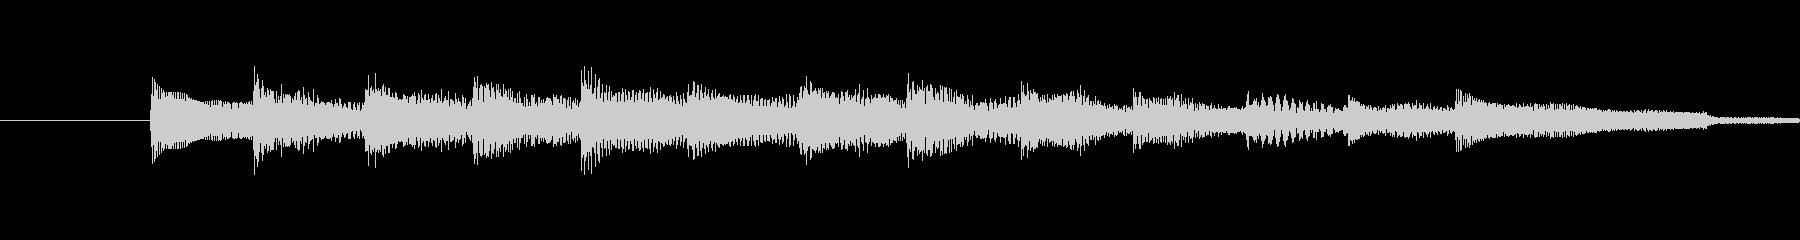 ・シンプルでやわらかい音が特徴のサウン…の未再生の波形